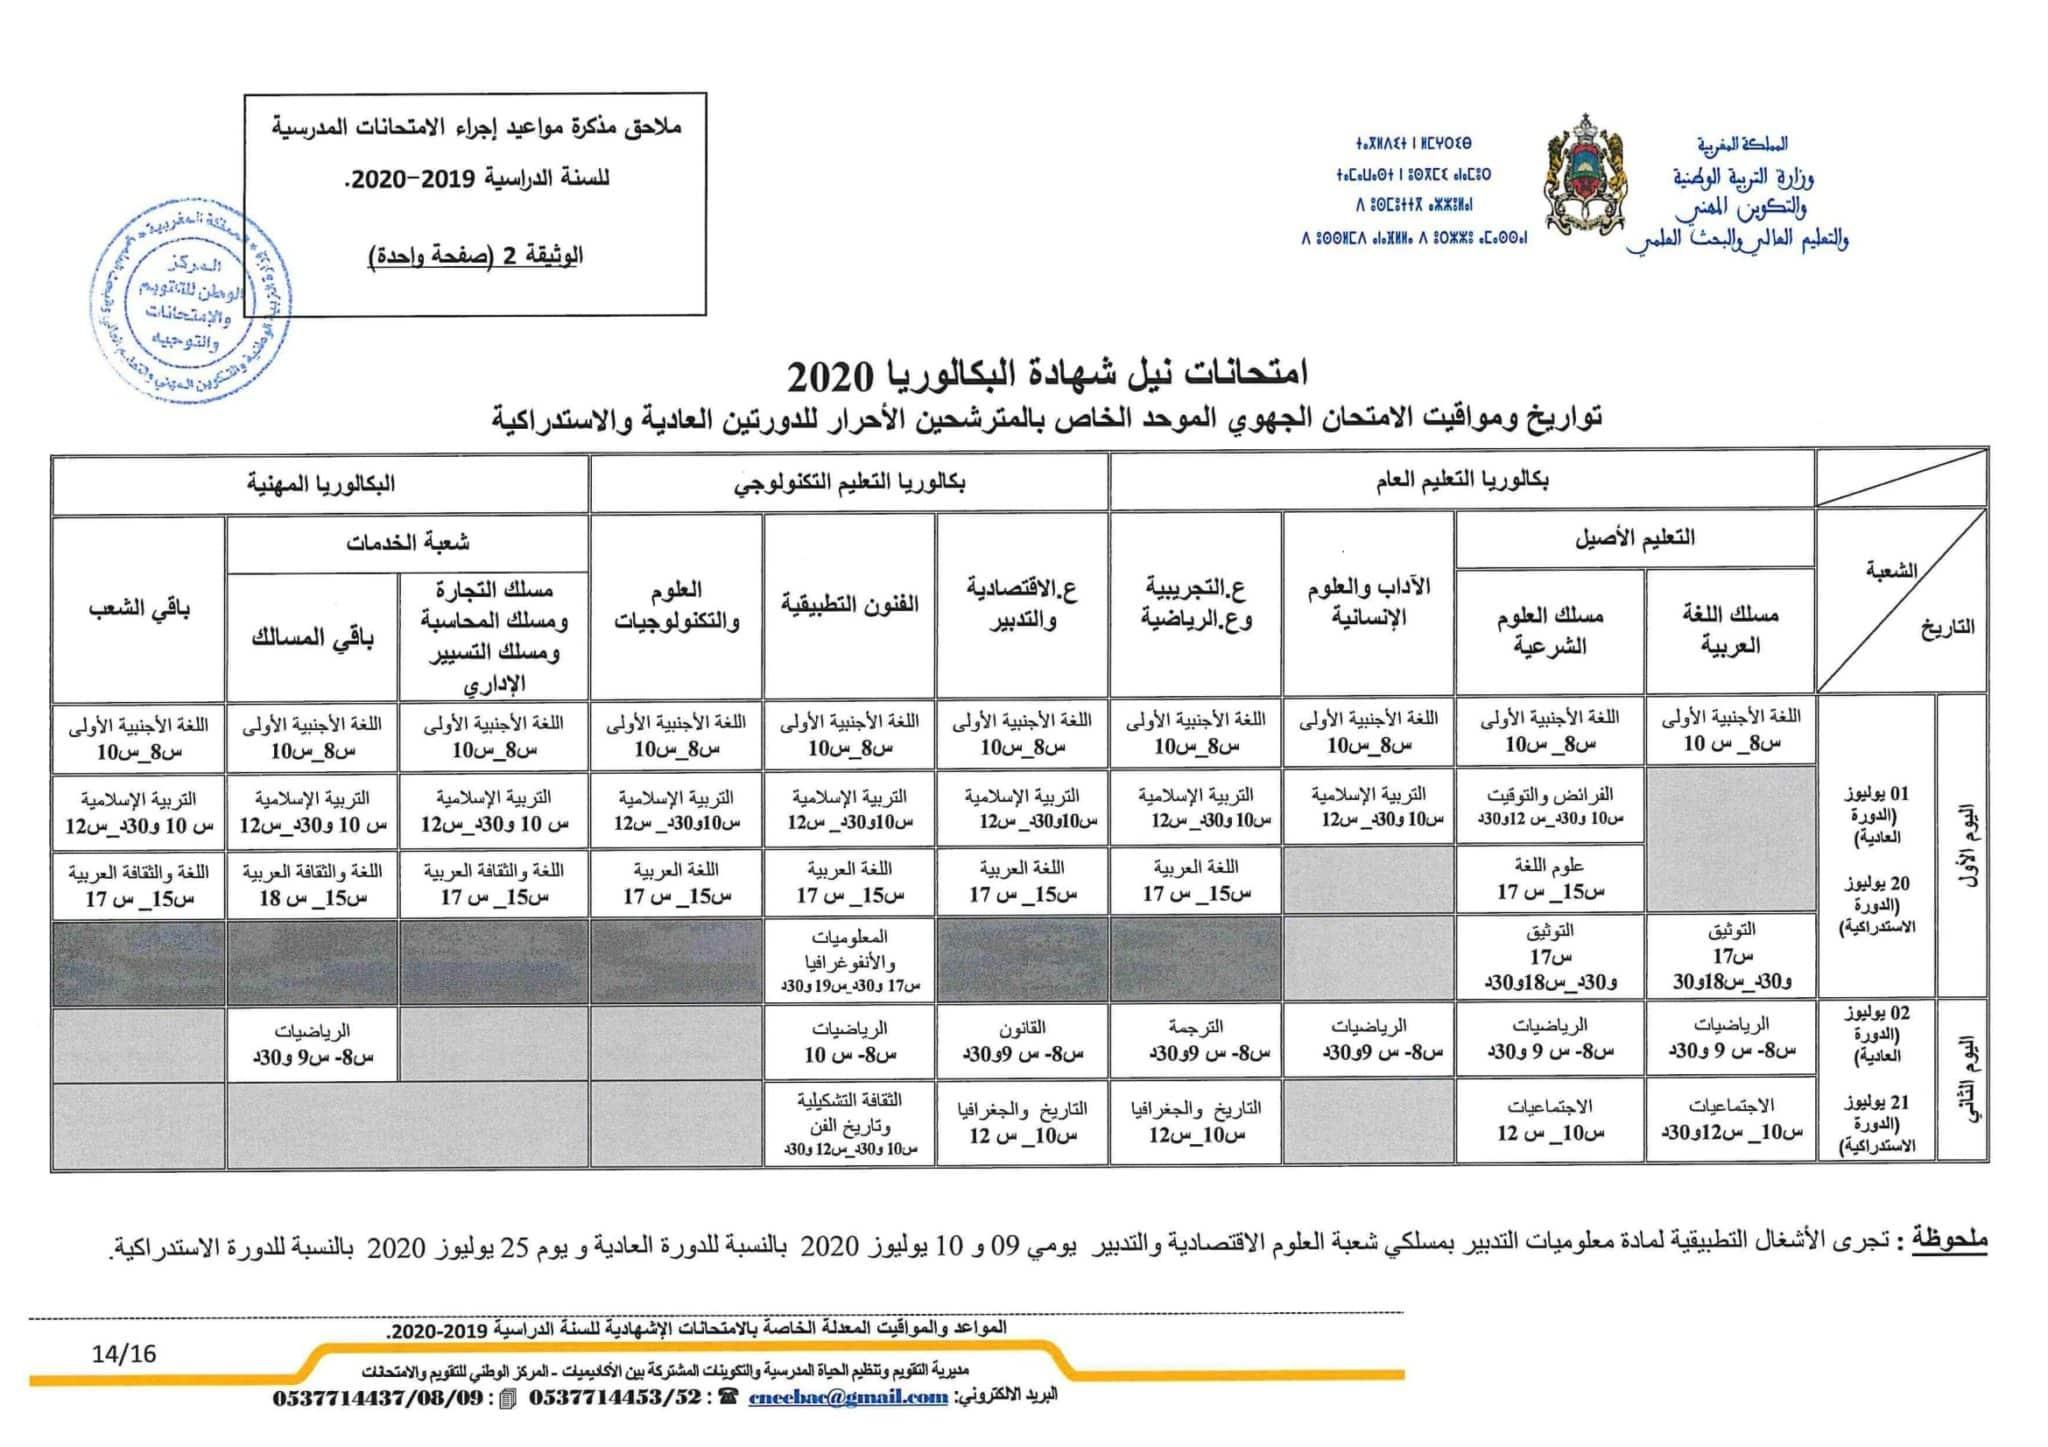 جدولة و مواعيد اجراء مواد الامتحان الجهوي اولى بكالوريا للمترشحين الأحرار 2020